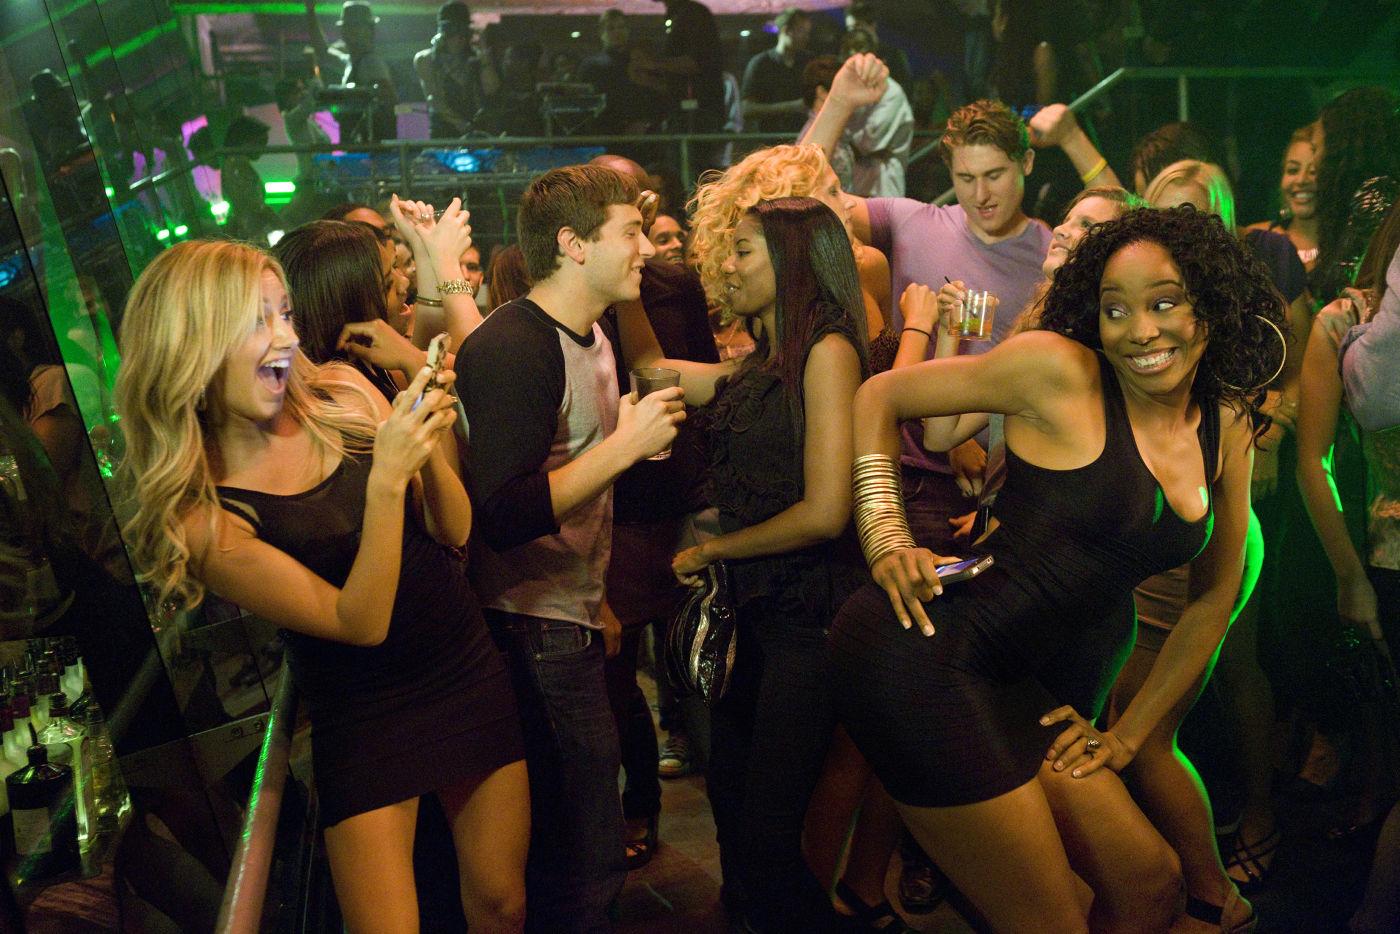 Scary Movie 5 Parody Movies Photo 42277034 Fanpop